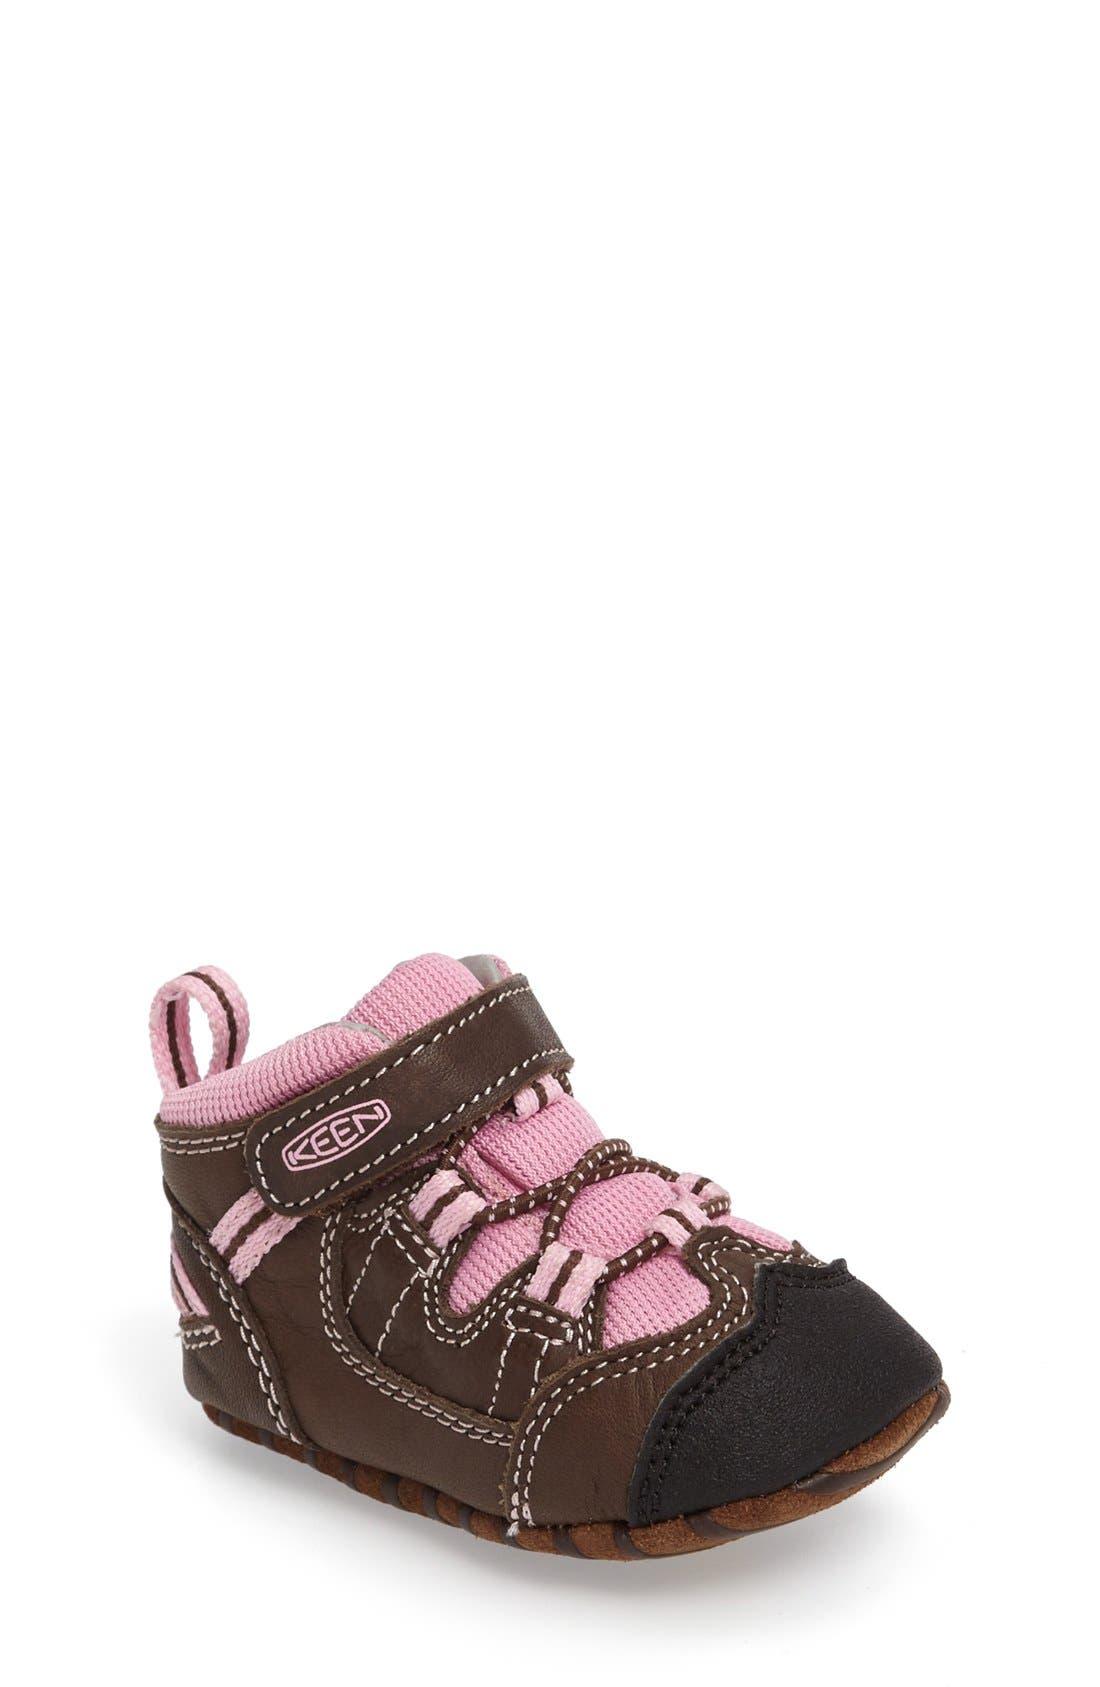 Alternate Image 1 Selected - Keen Targhee Crib Shoe (Baby & Walker)